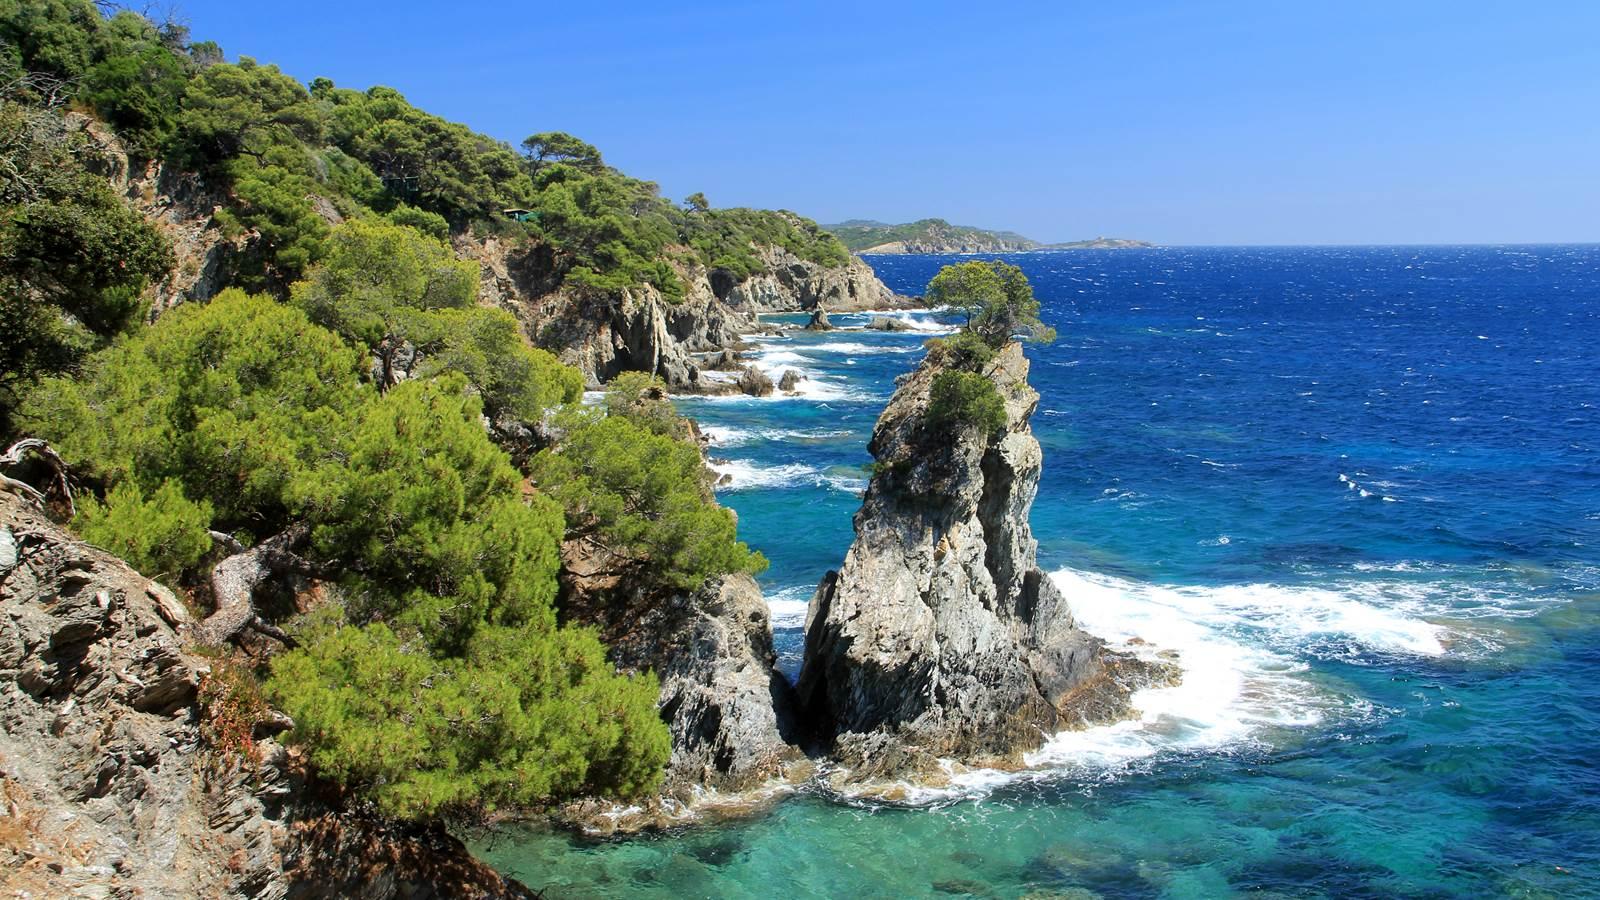 La presqu'île de Giens et les Salins-d'Hyères